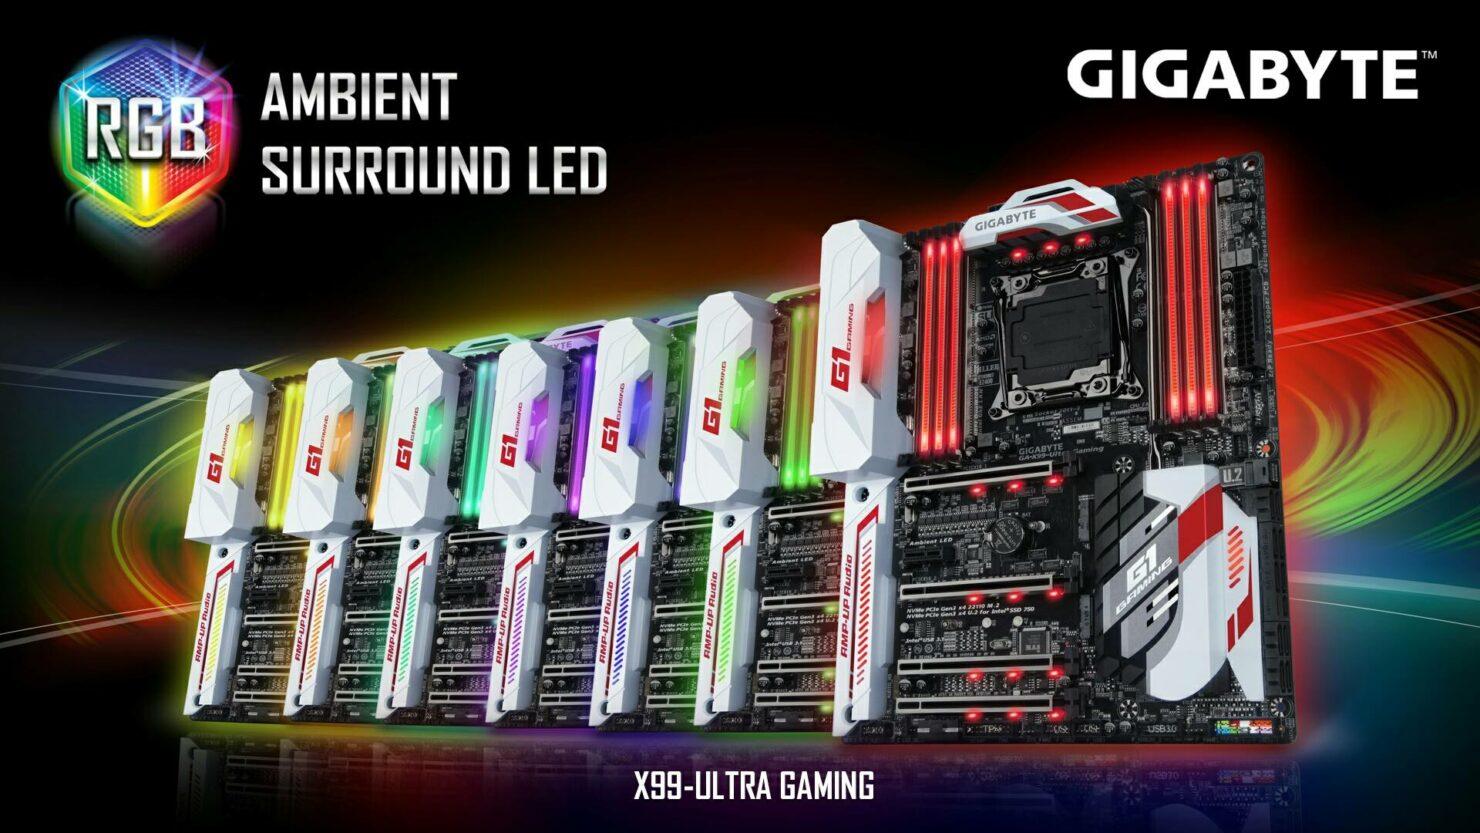 gigabyte-x99-ultra-gaming_1